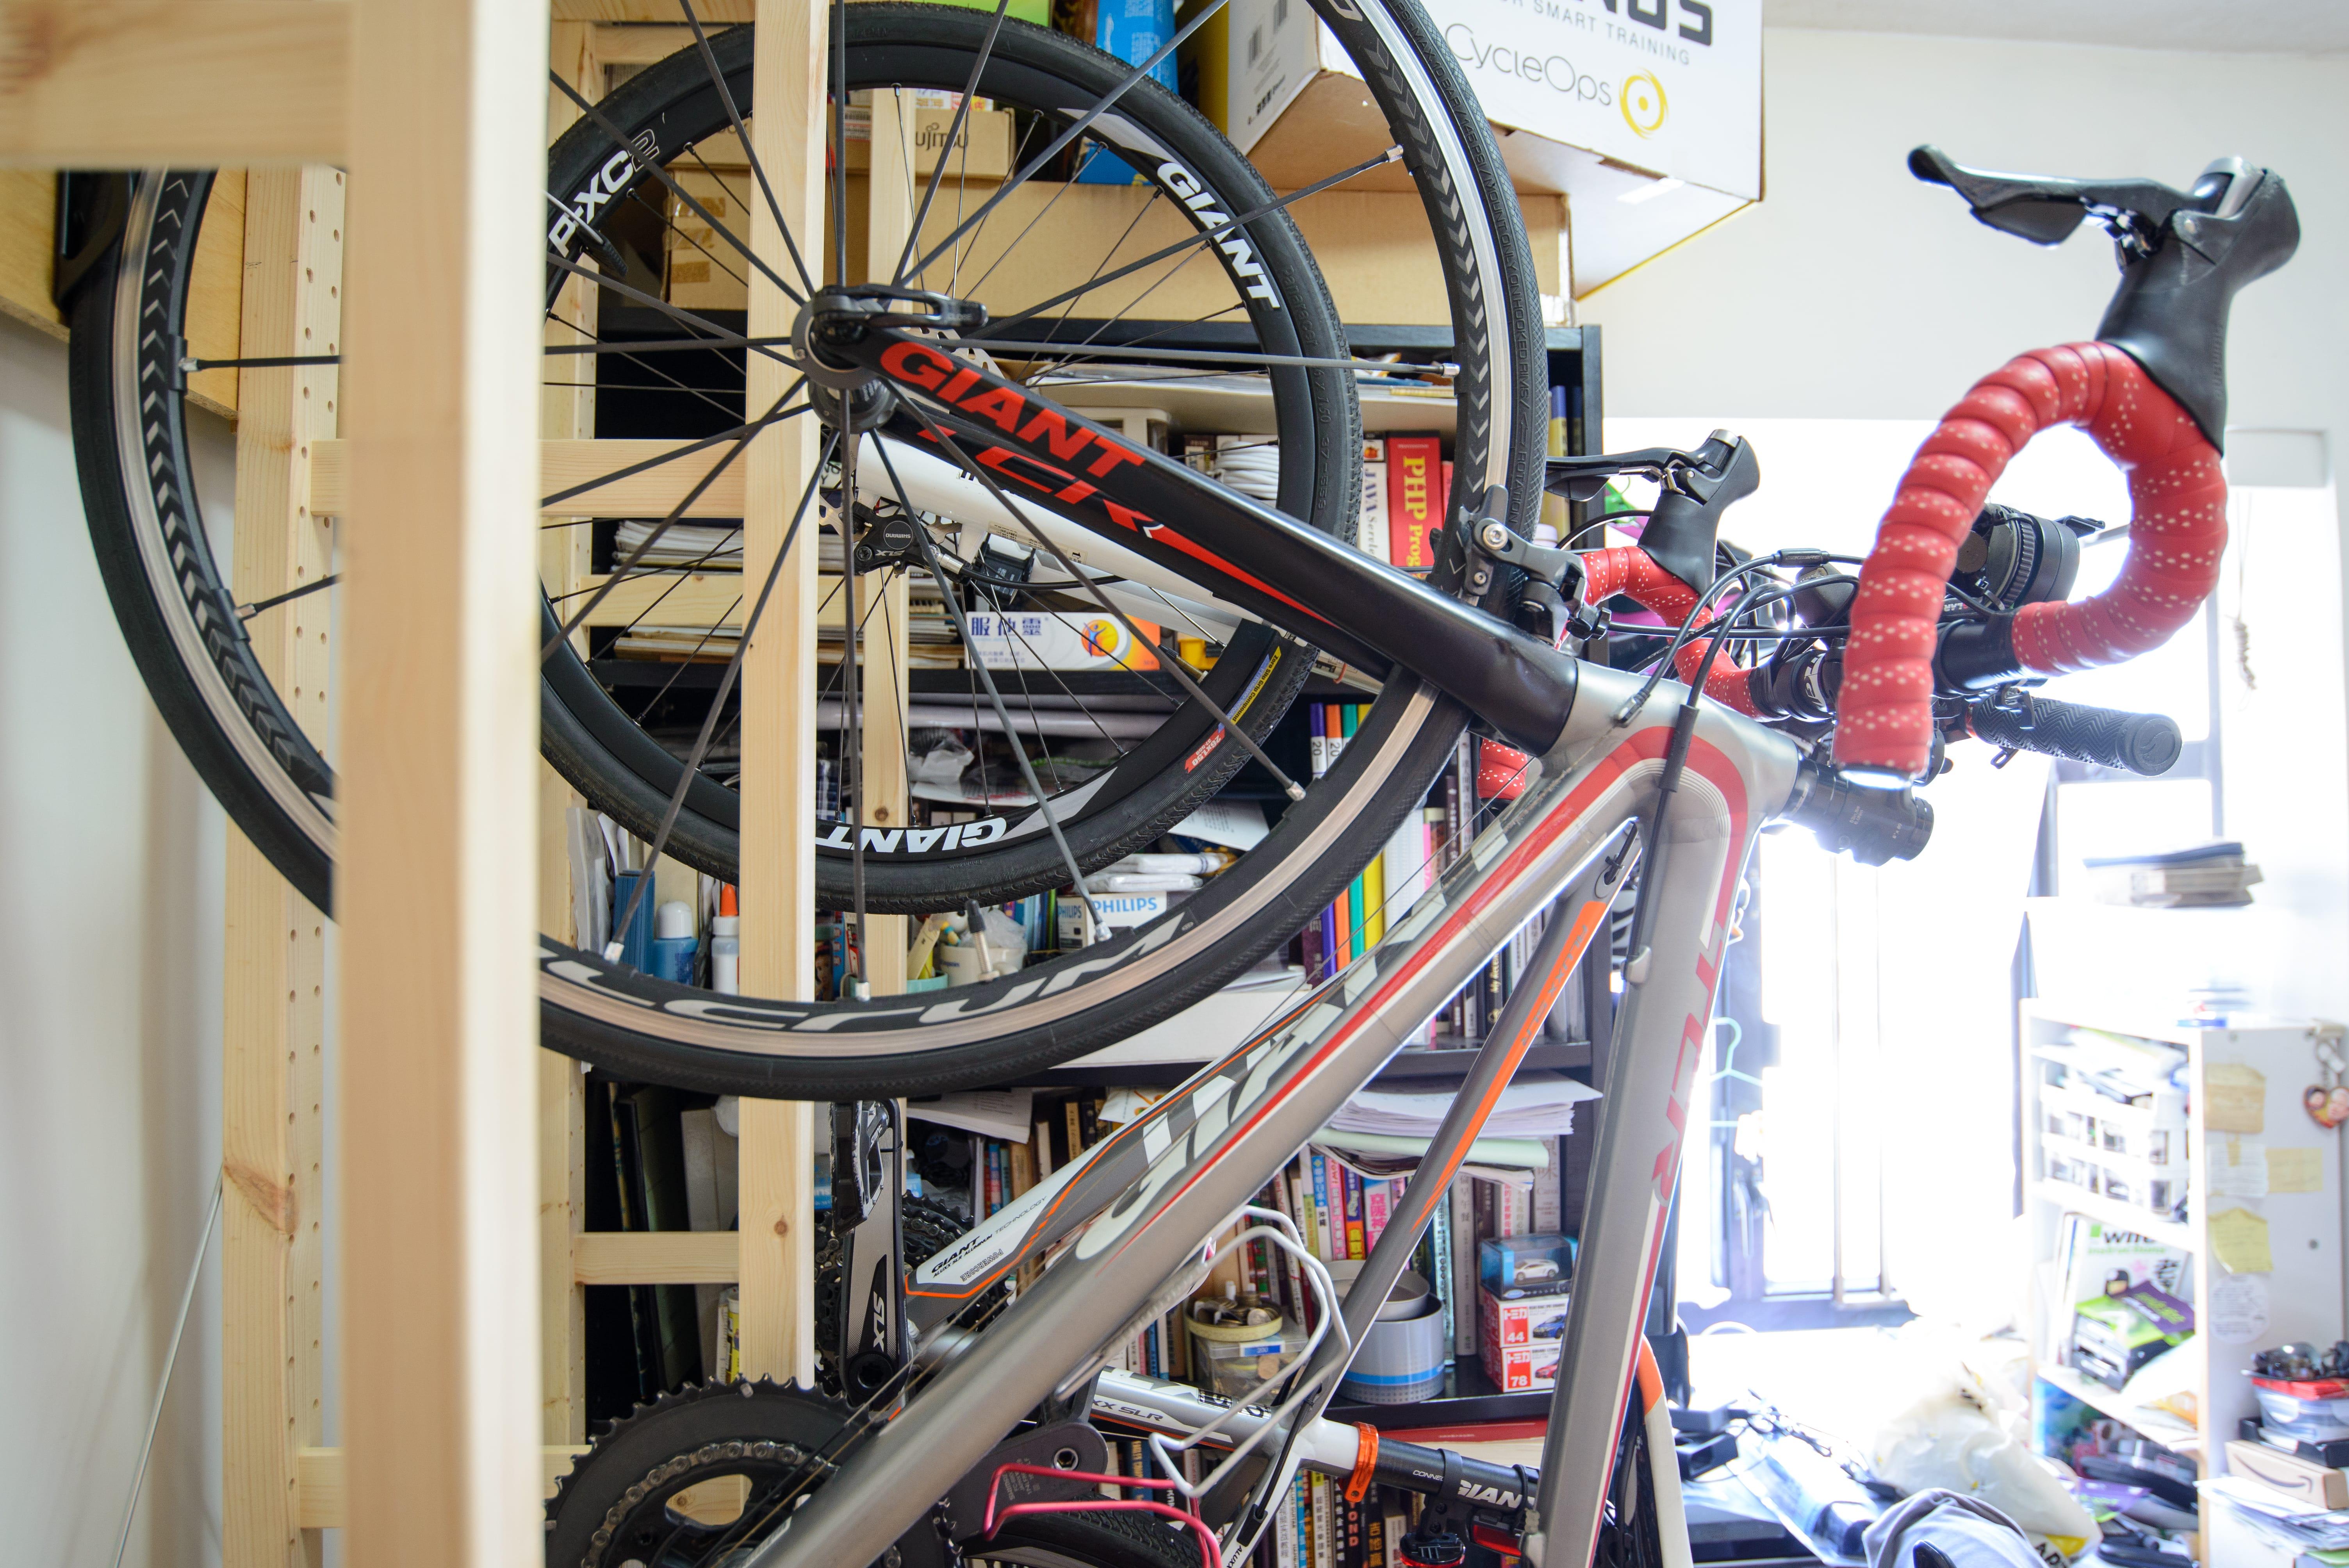 DIY Bike Rack - Side view